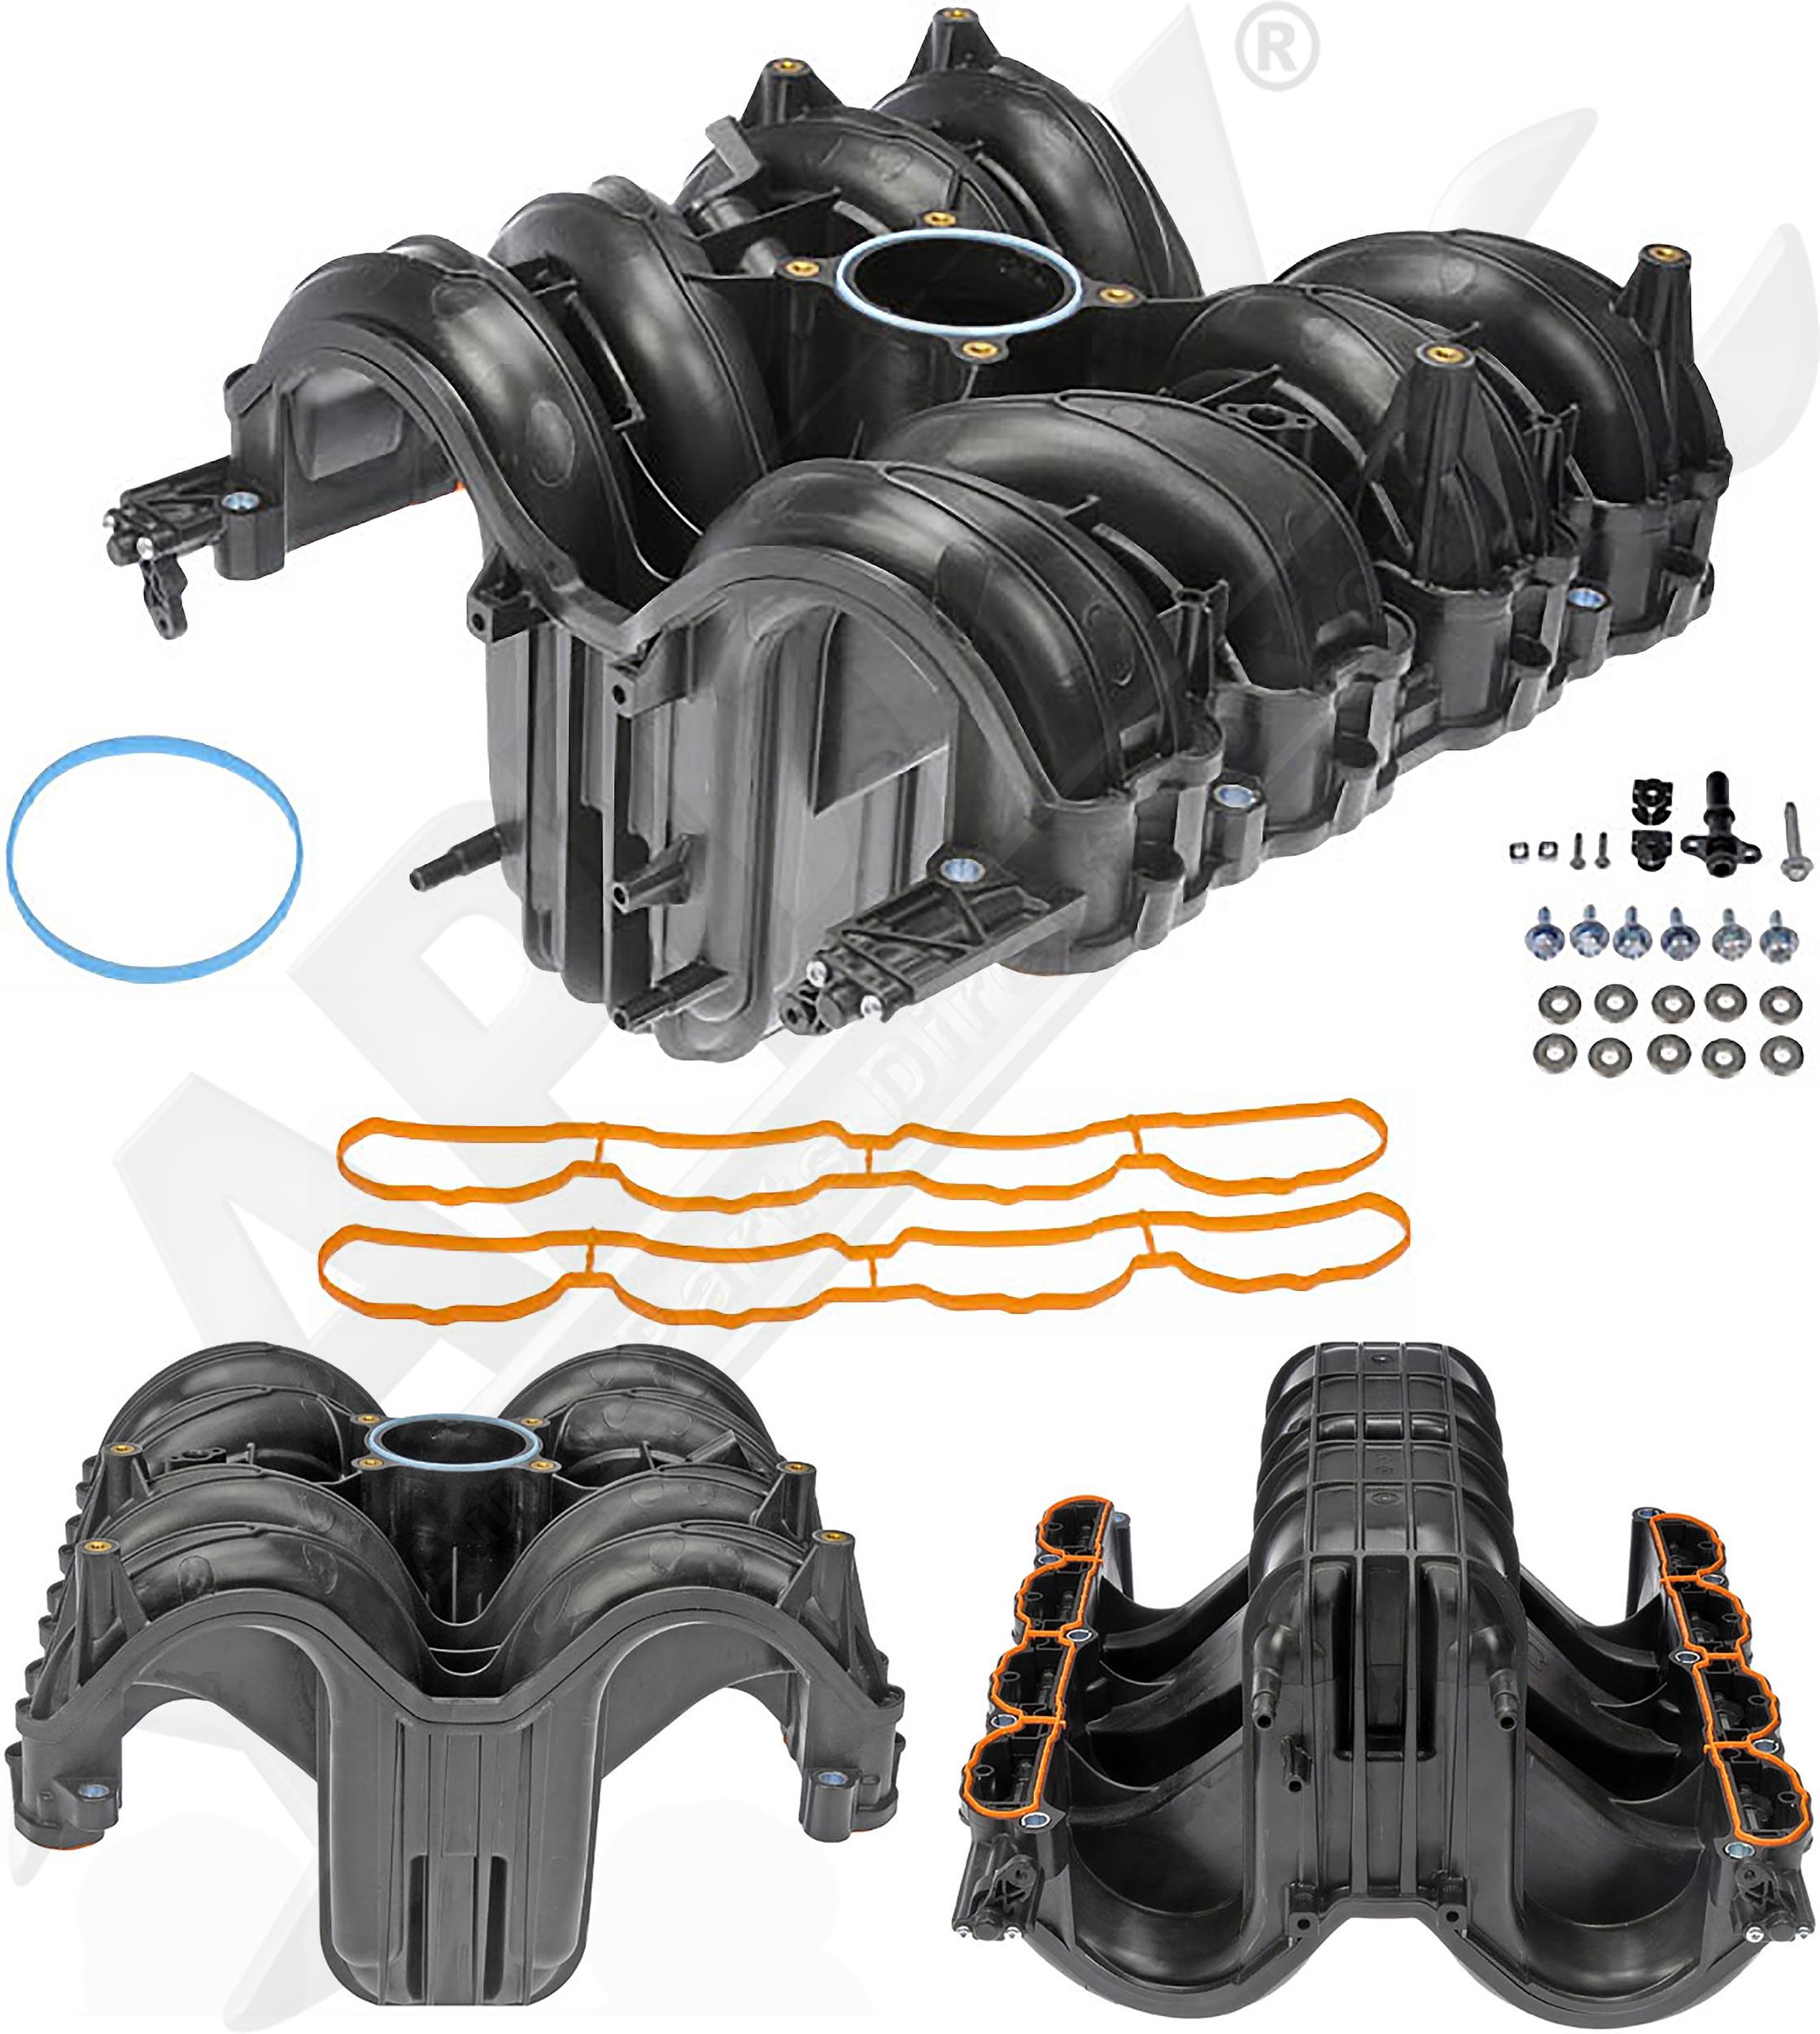 Intake Manifold 3 4l Engine, Intake, Free Engine Image For ...